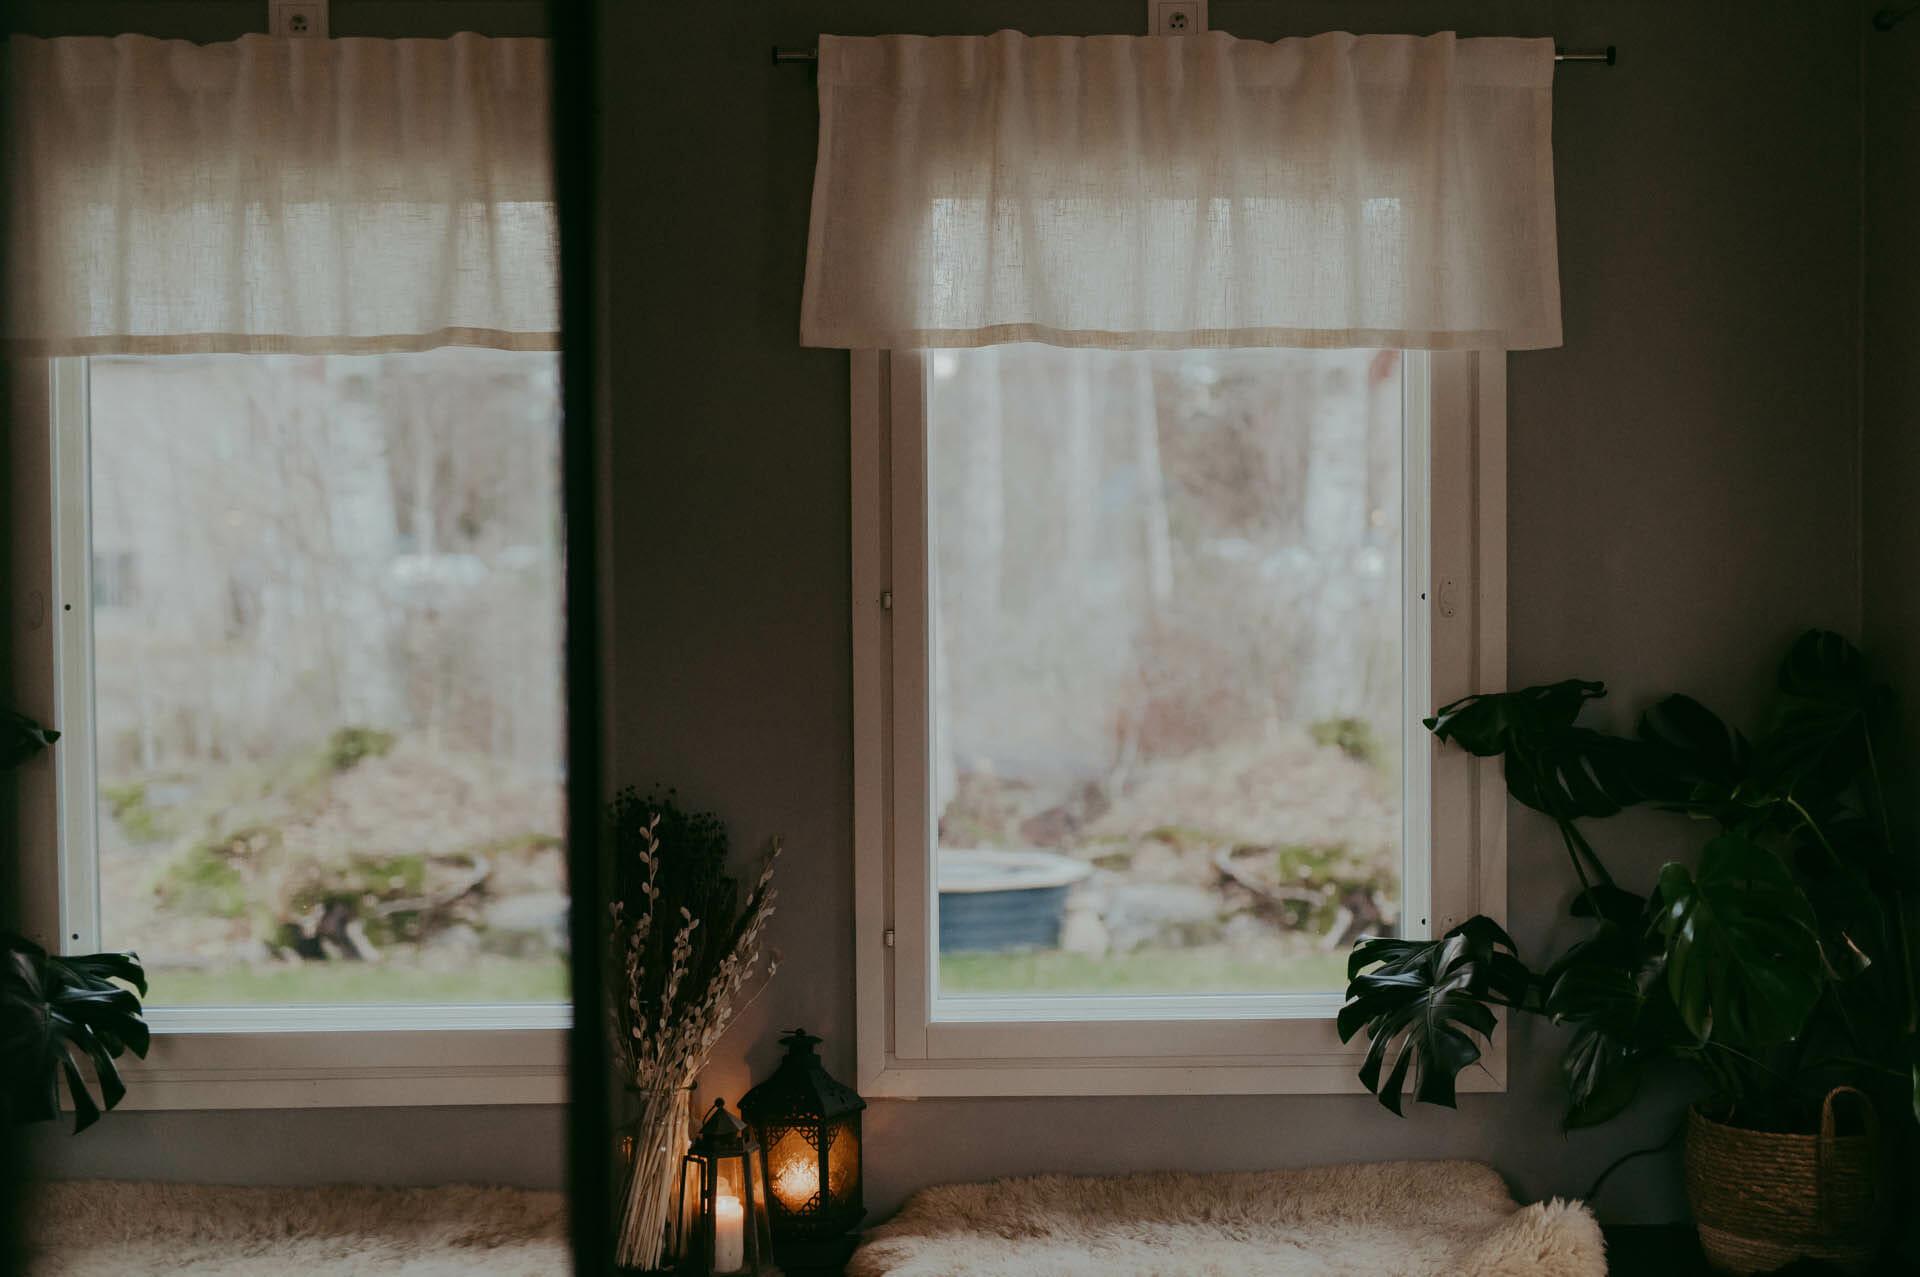 vit linne gardin kappa i fönster.